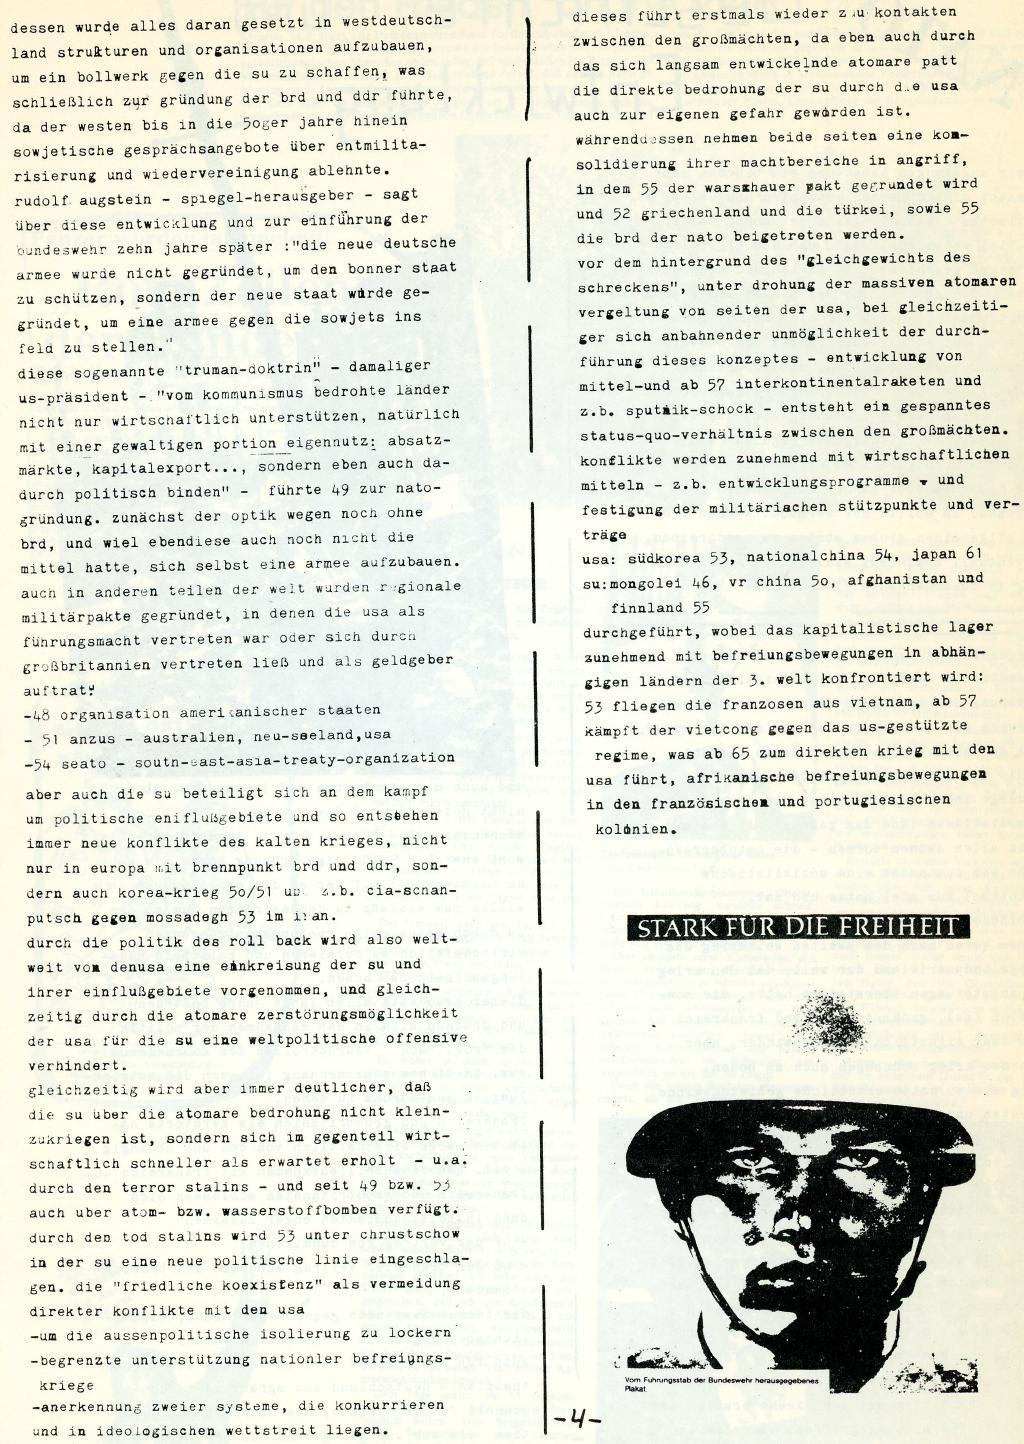 Bremen_1980_NATO_Broschuere_04